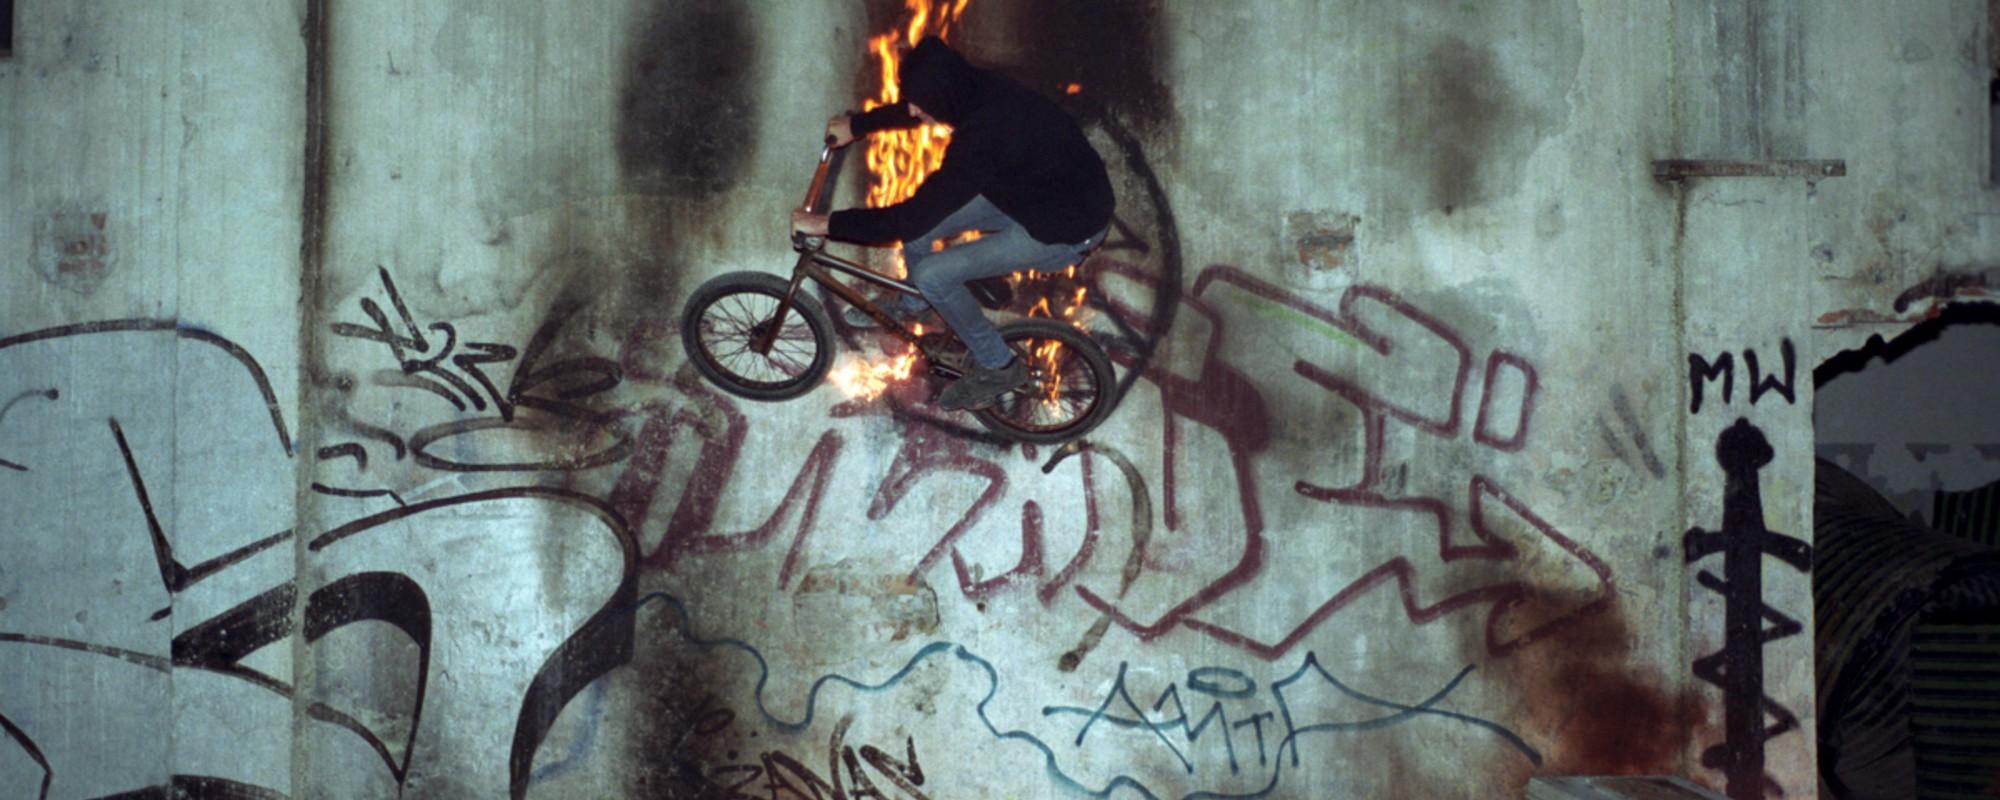 Zamknięte miejscówki i BMX-owe triki – oto zdjęcia, które trudno skopiować